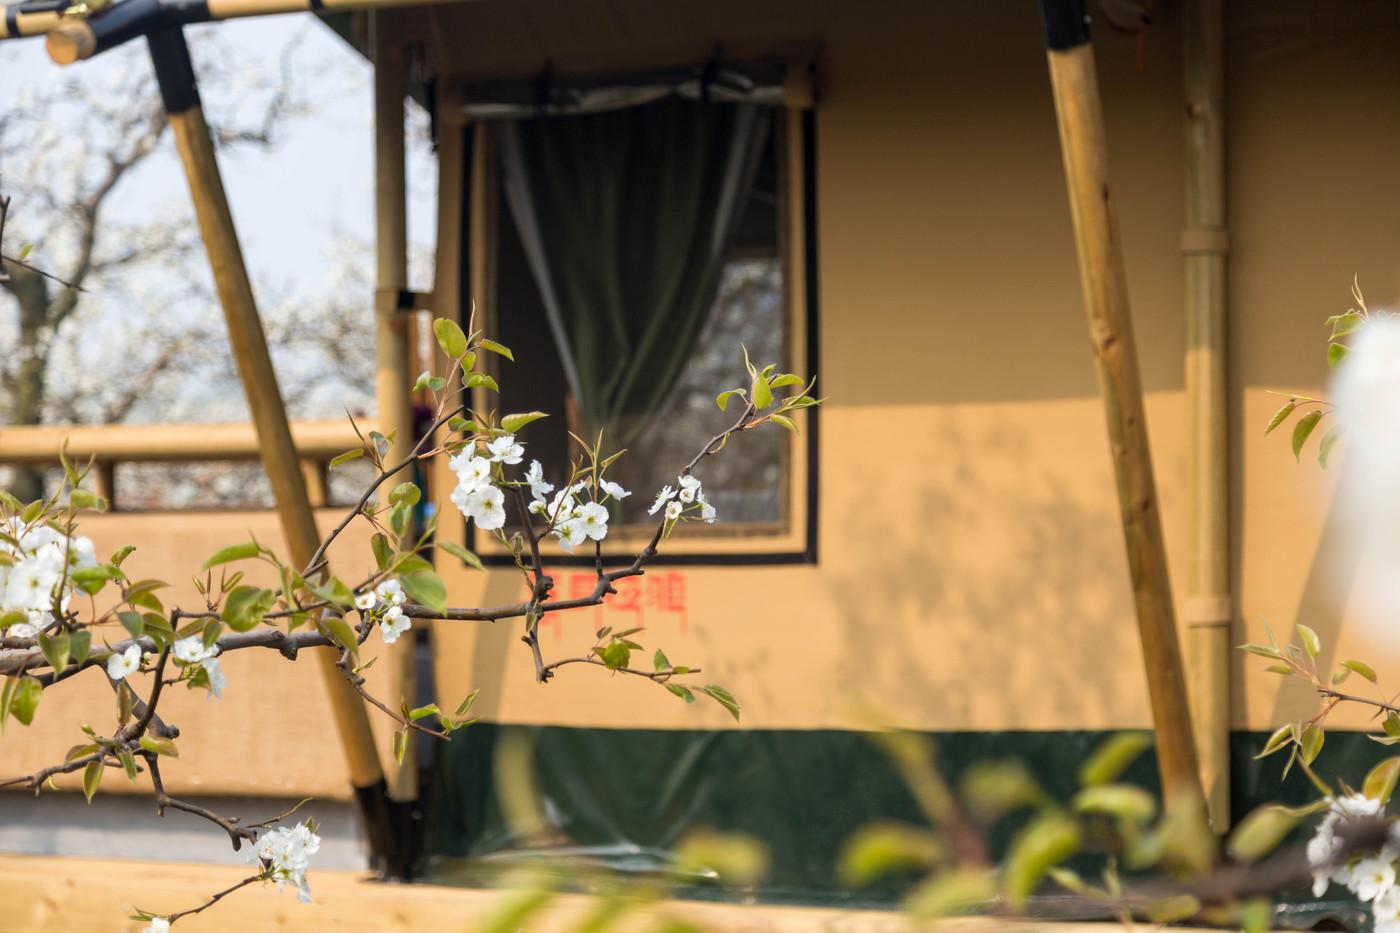 喜马拉雅野奢帐篷酒店—安徽砀山 东篱蓬芦(梨园41平)15